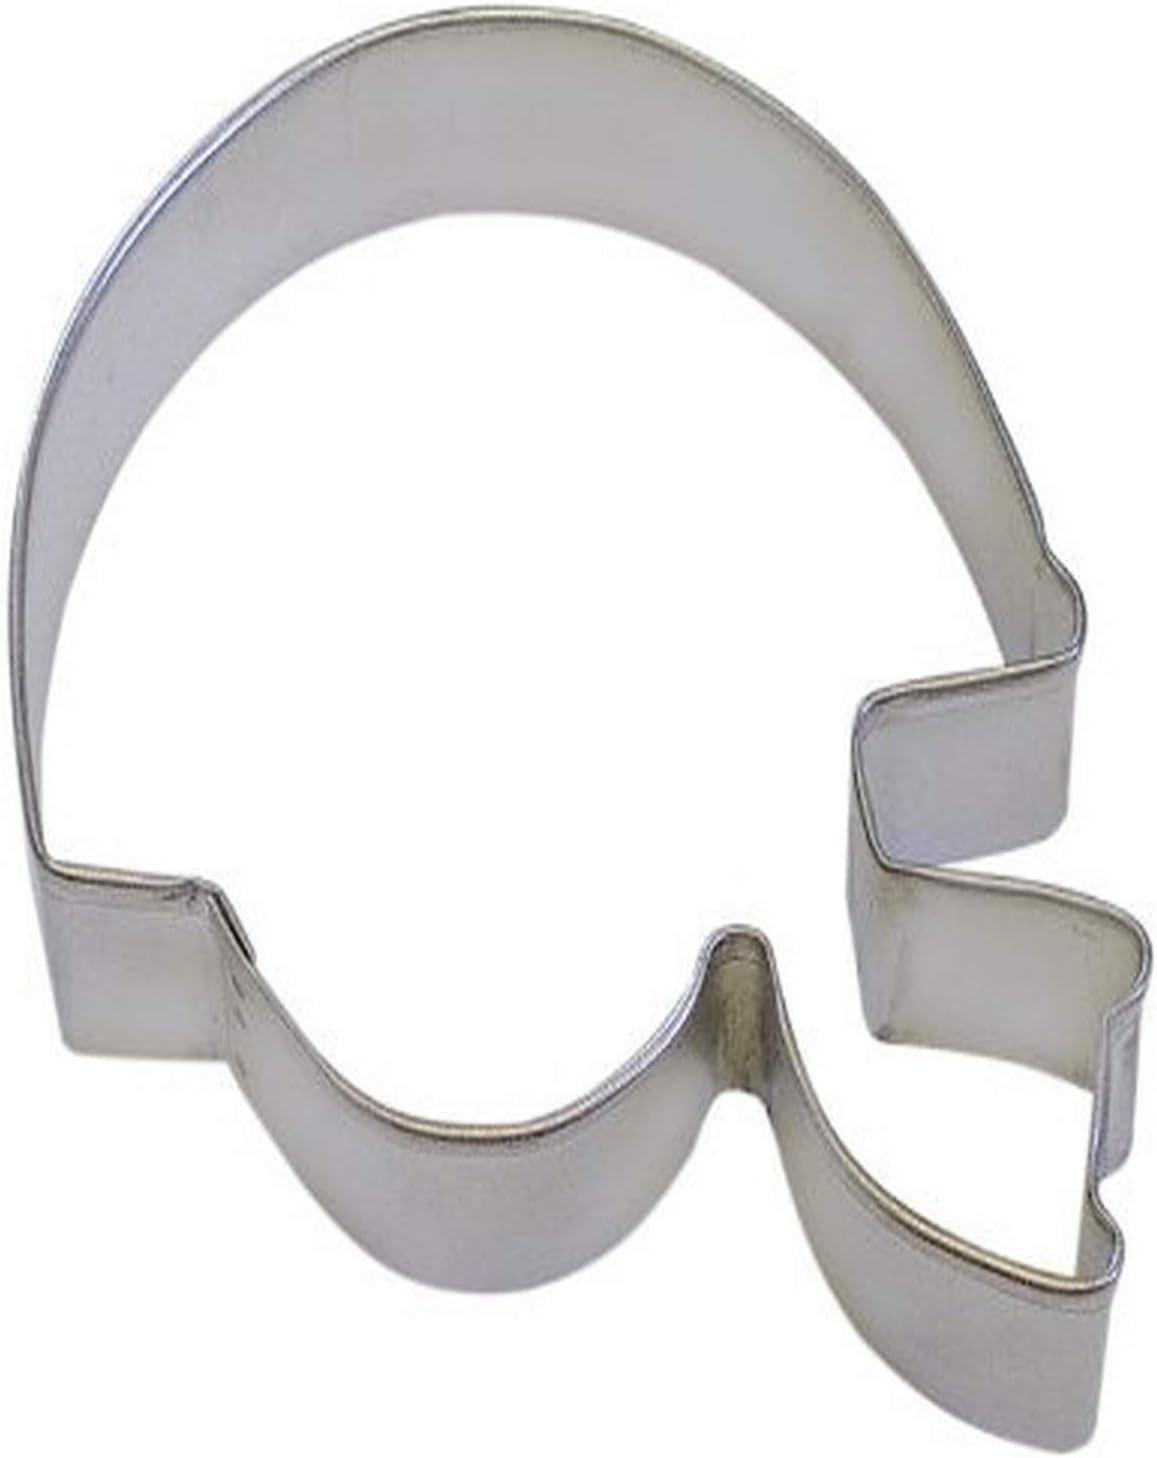 R&M Football Helmet 4.5